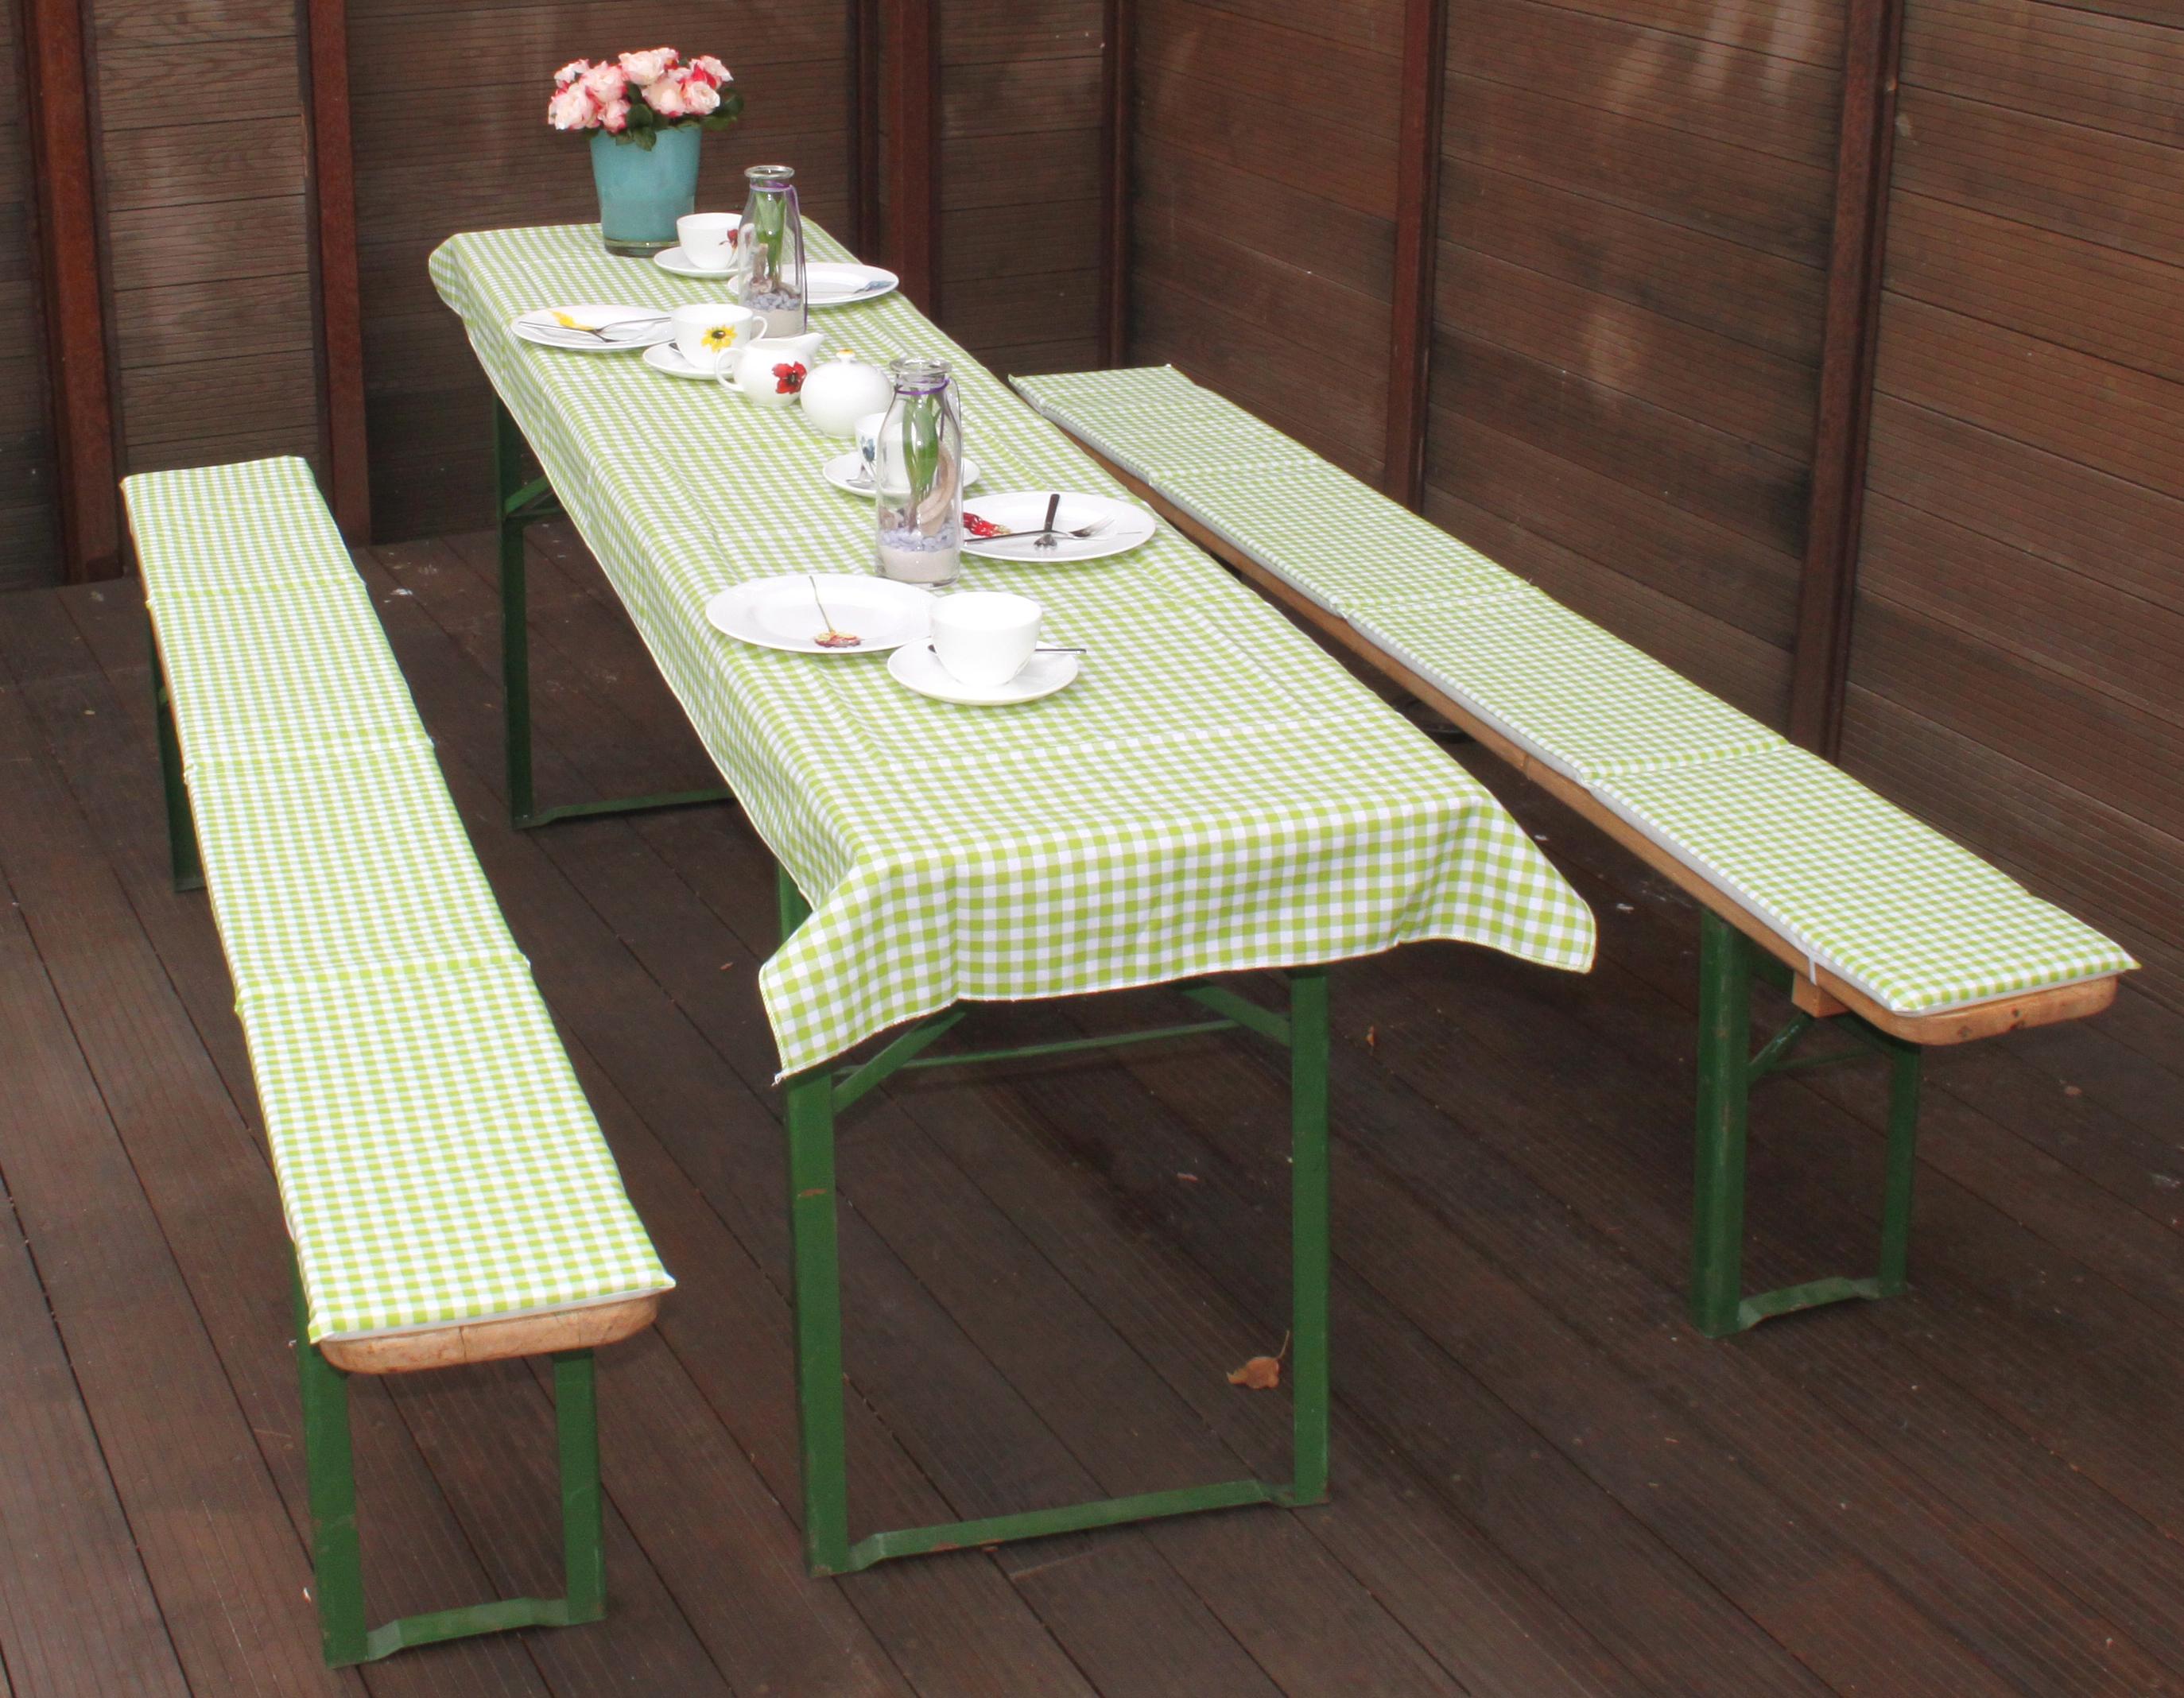 beo Festzeltauflagen-Set für Bierzeltgarnituren karo grün für Tische bis 80cm Breite